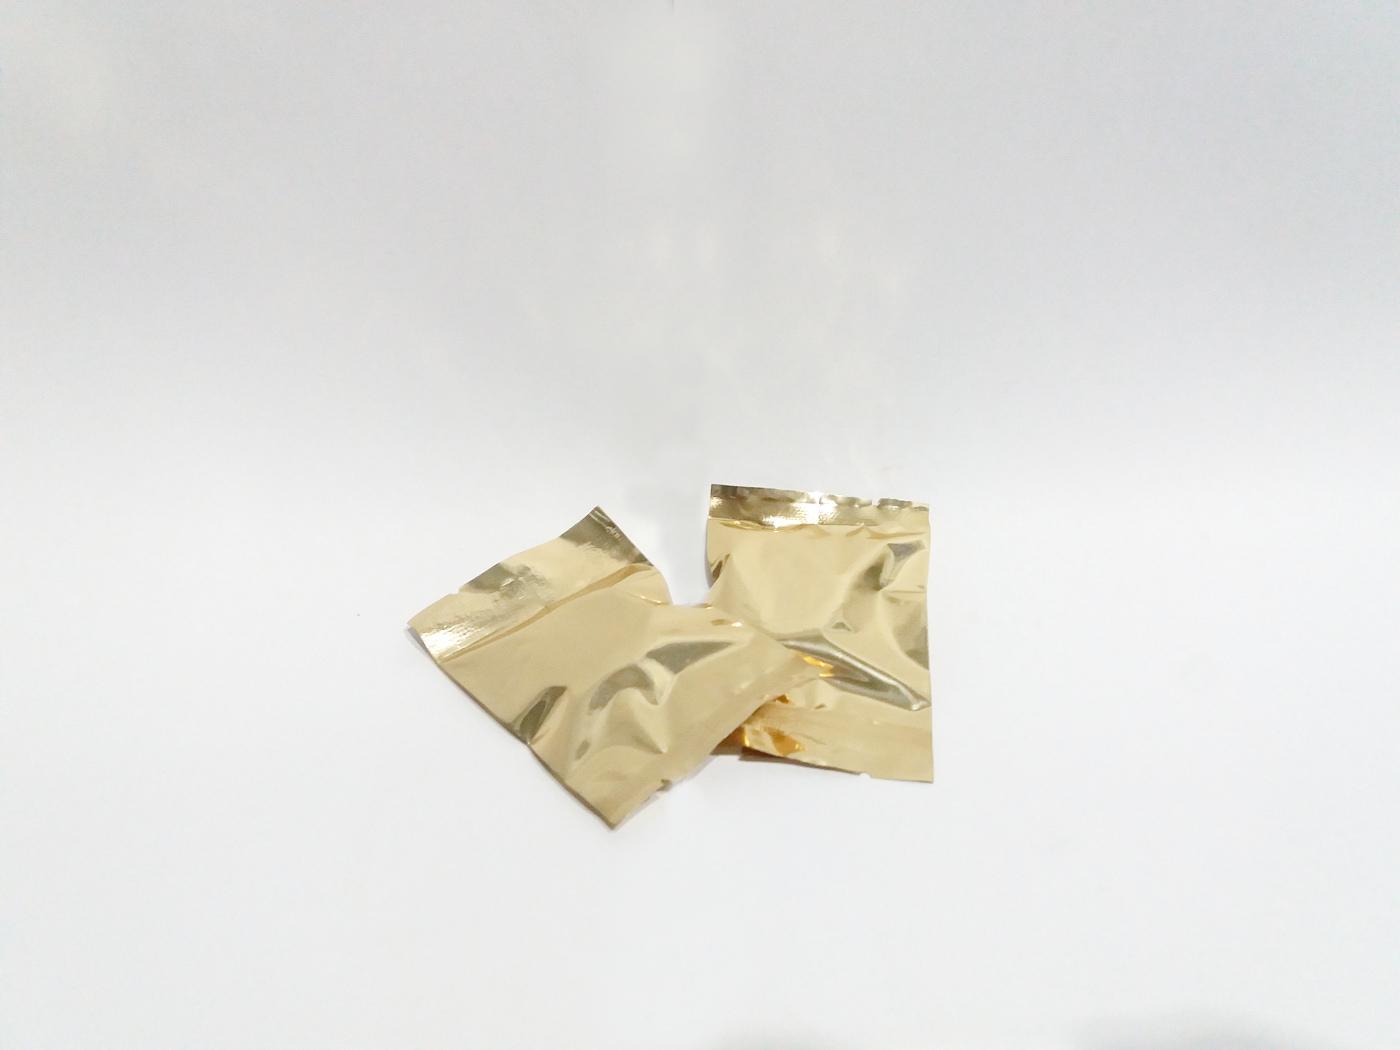 マンゴー味のポルボロンの袋の写真